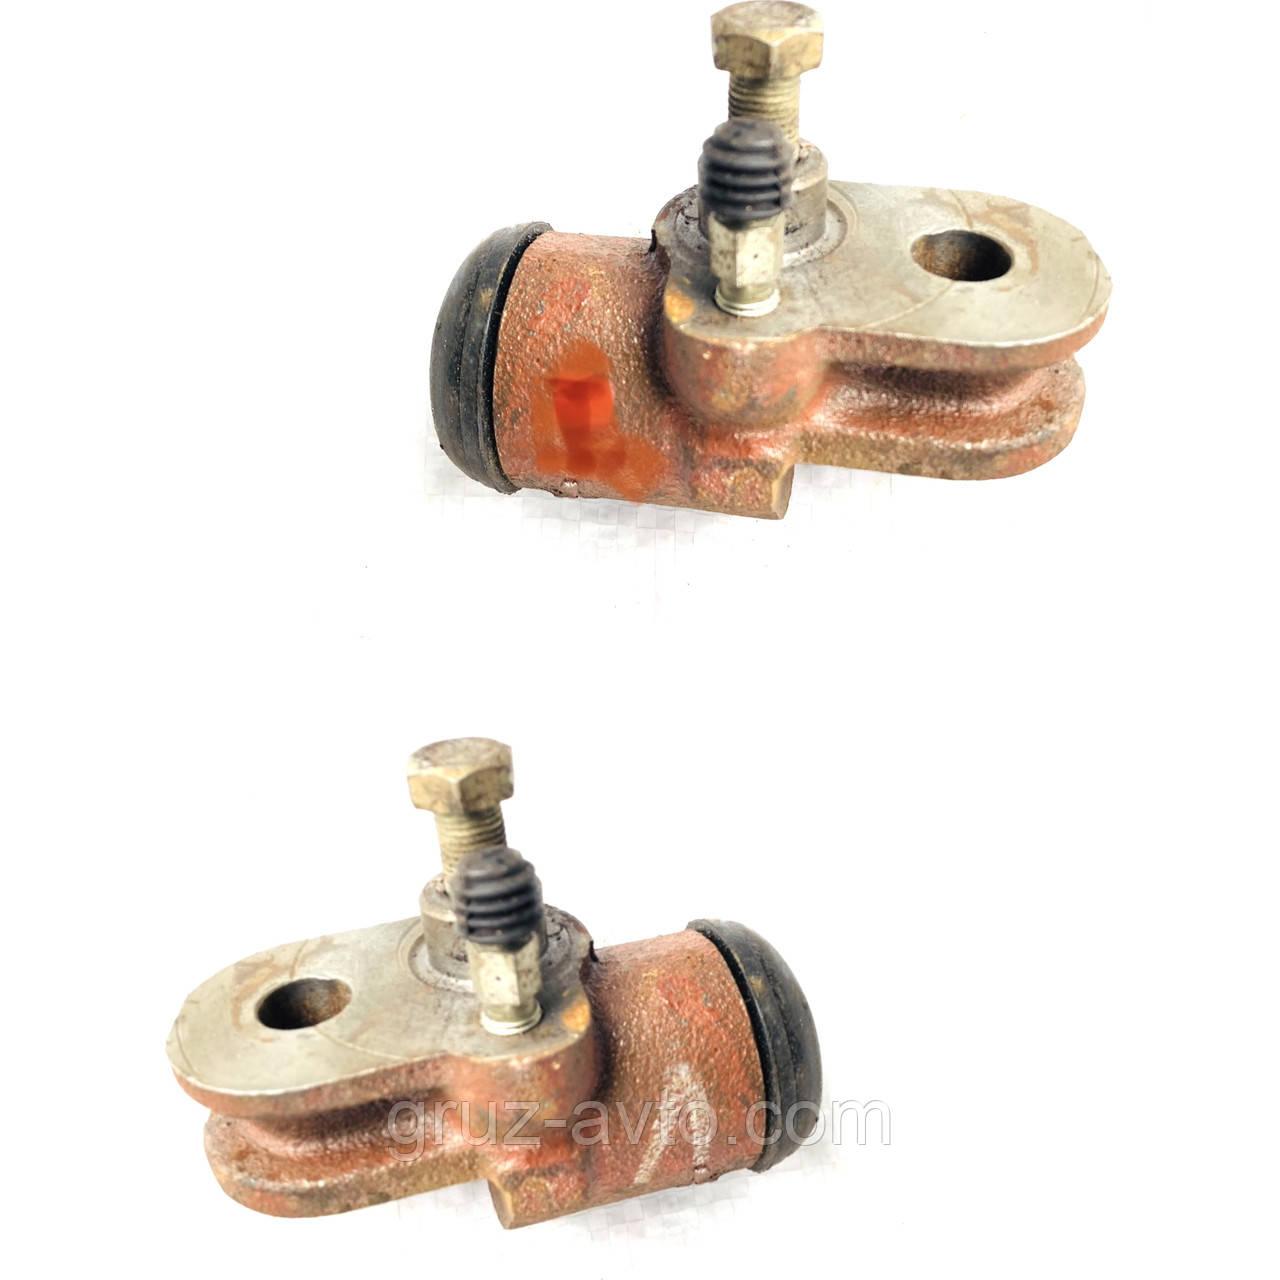 Цилиндр колесный рабочий переднего тормоза (2 шт. комплект) ГАЗ-66  правый 66163501040 и левый 66163501041